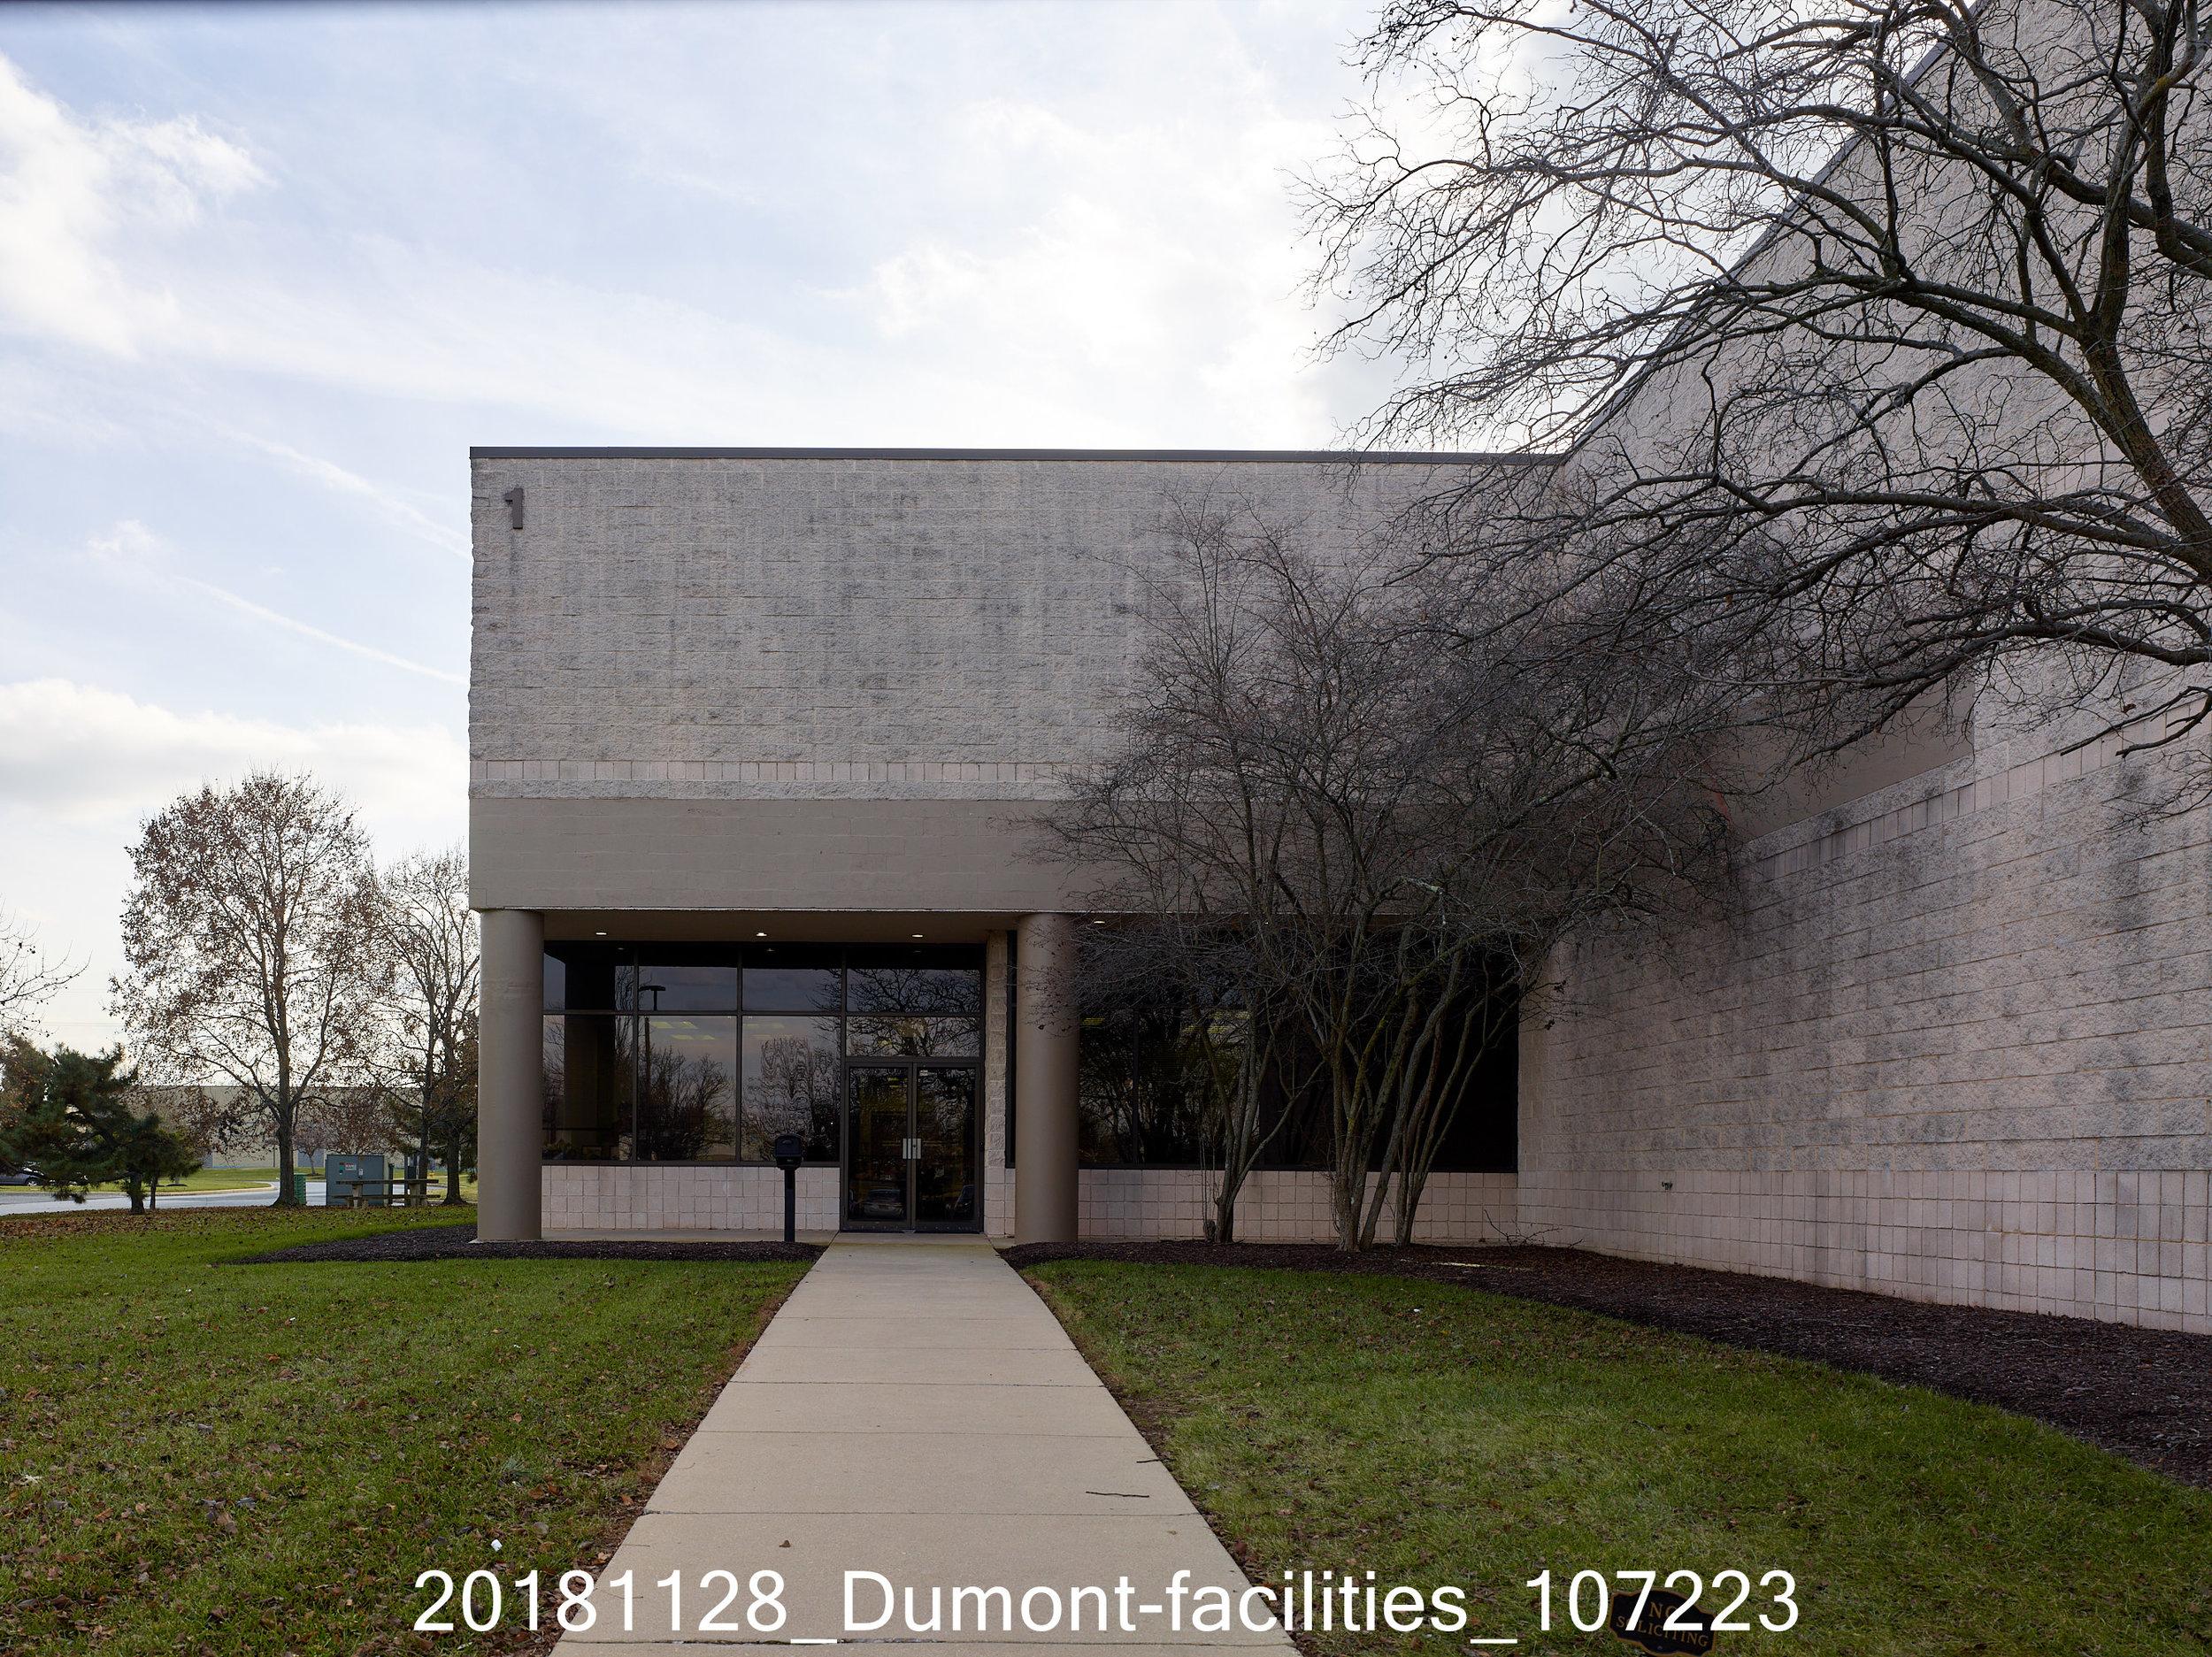 20181128_Dumont-facilities_107223.jpg